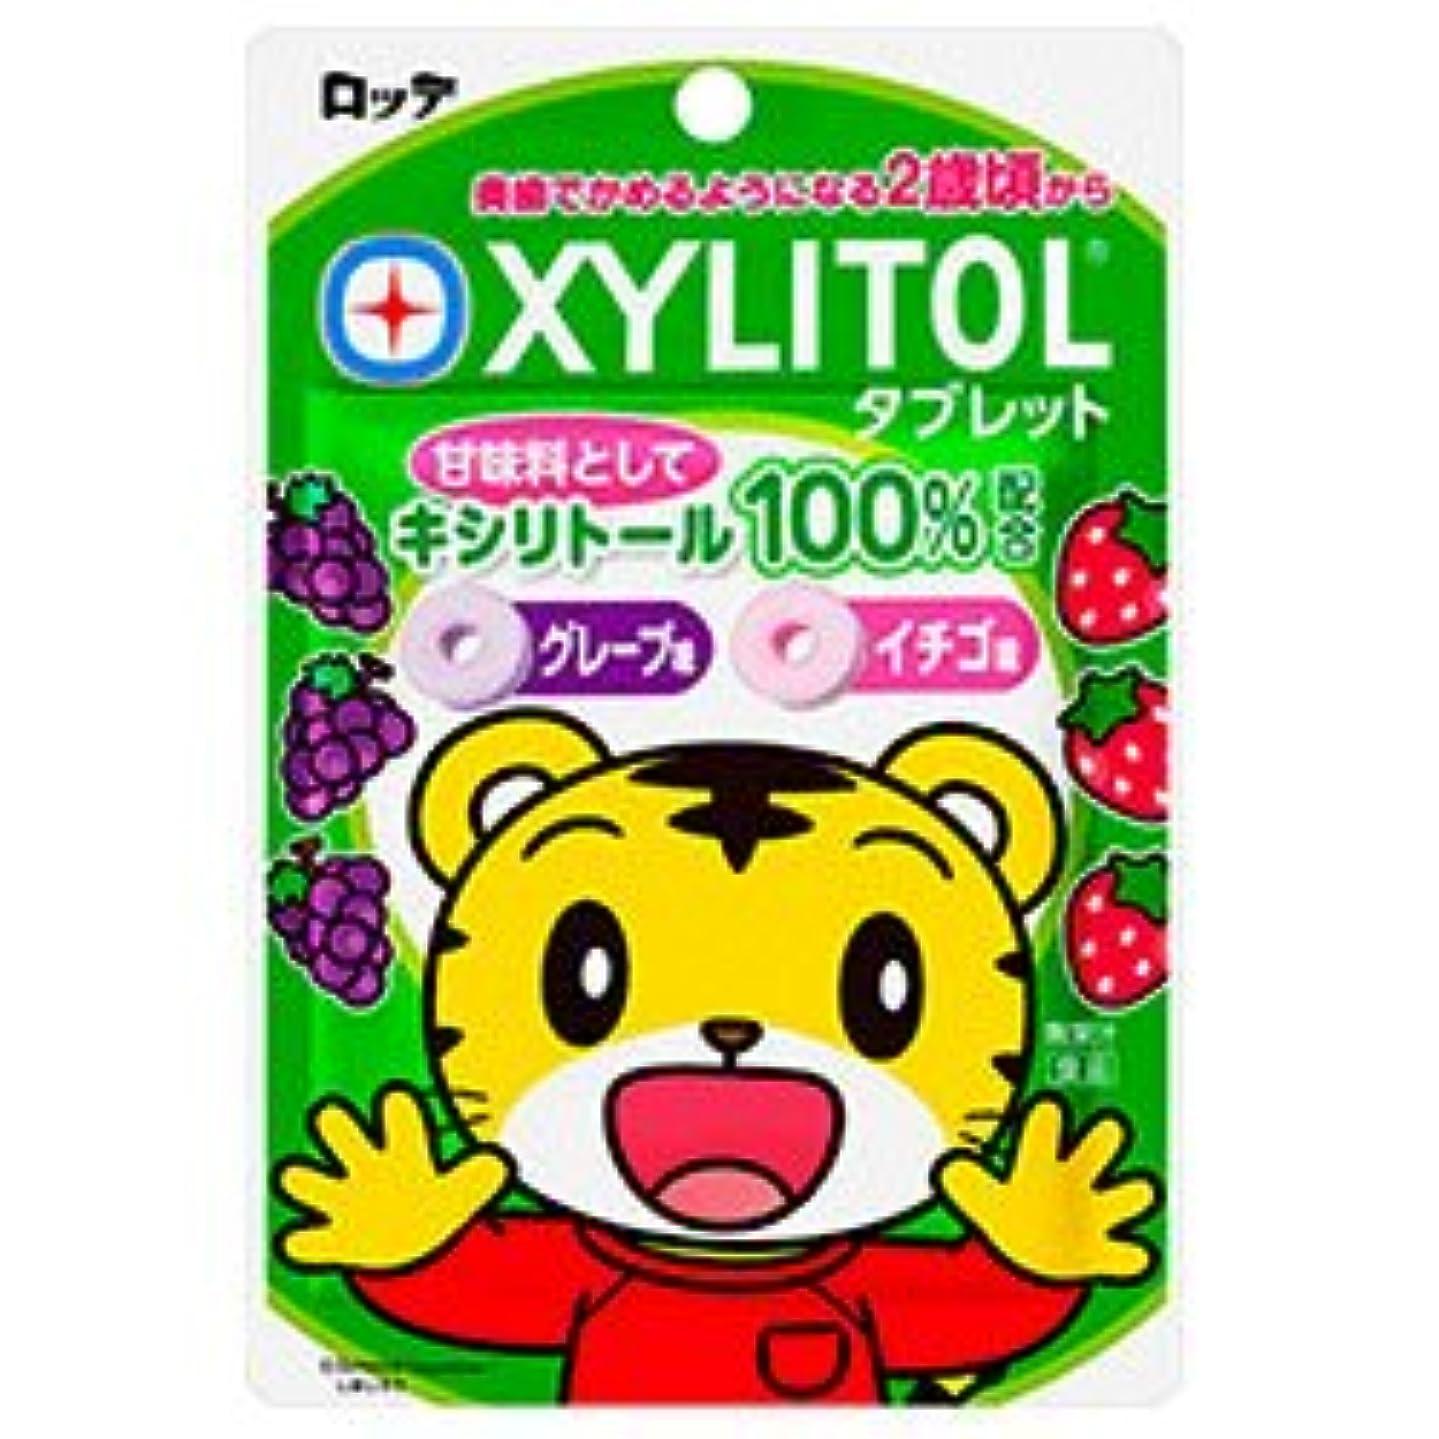 免疫お父さん騙すロッテ キシリトールタブレット 30g×10袋入×(2ケース)